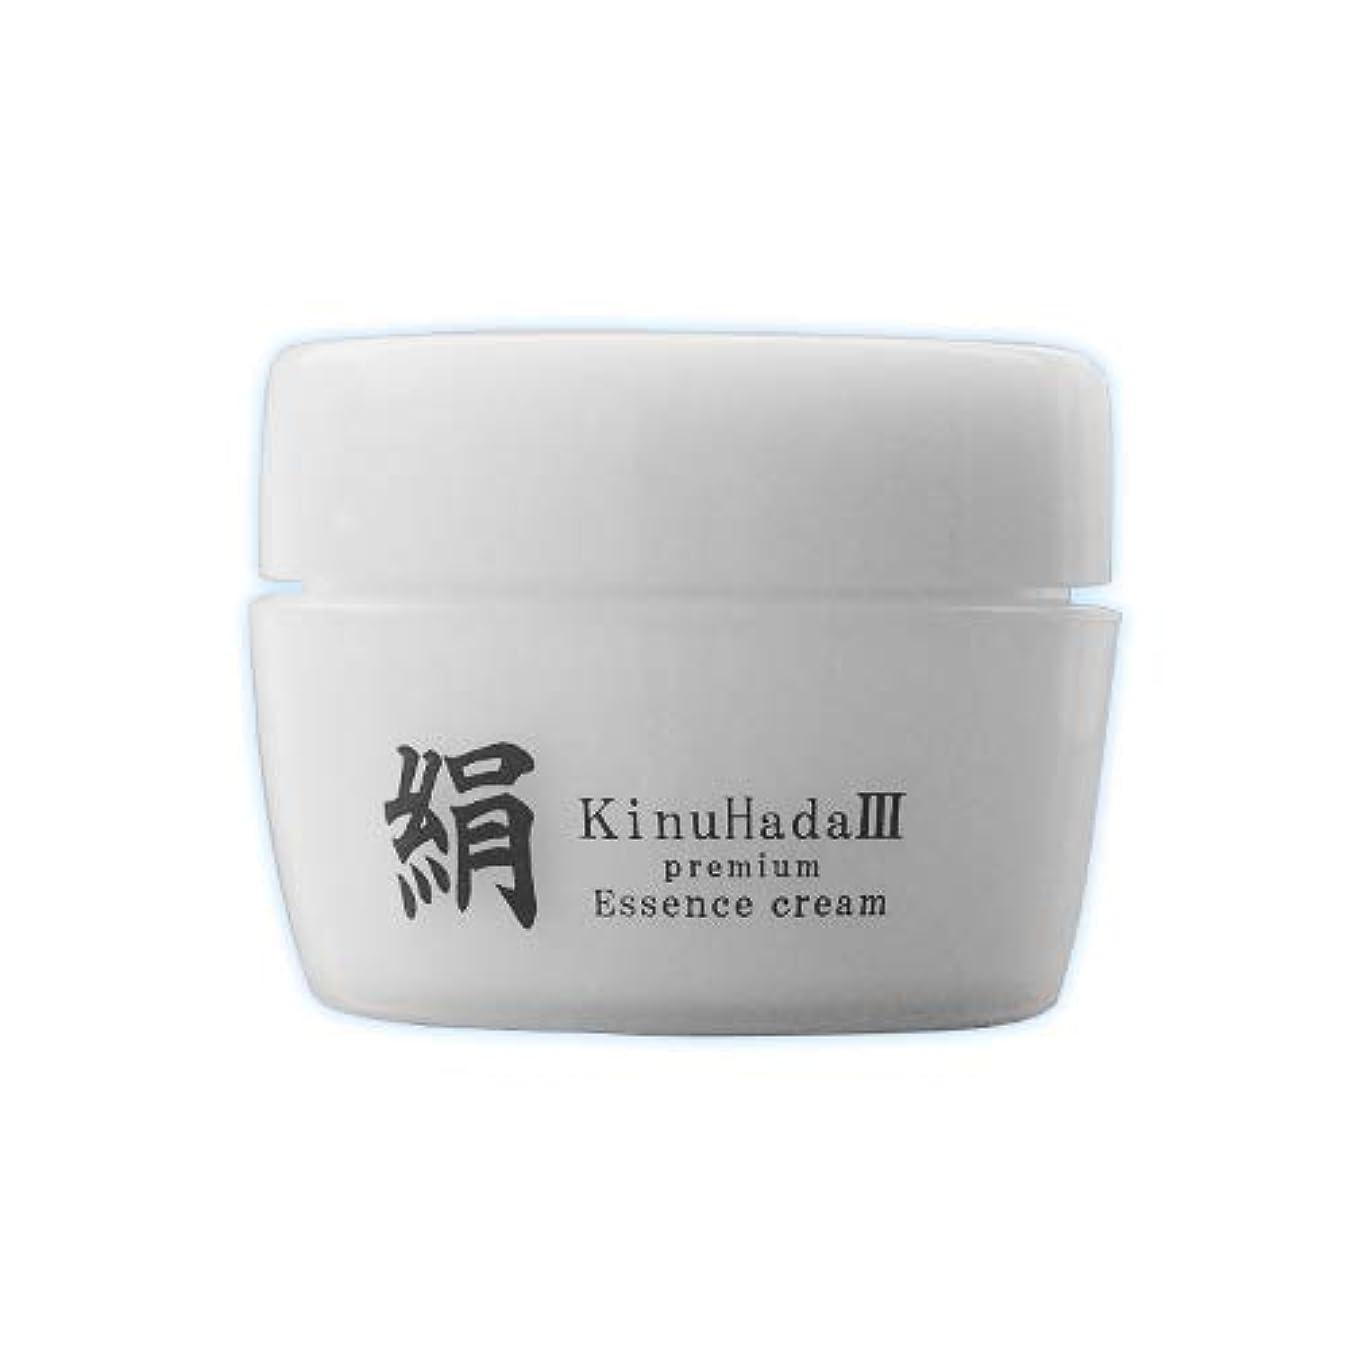 トロイの木馬九時四十五分削除するKinuHada 3 premium 60g オールインワン 美容液 絹